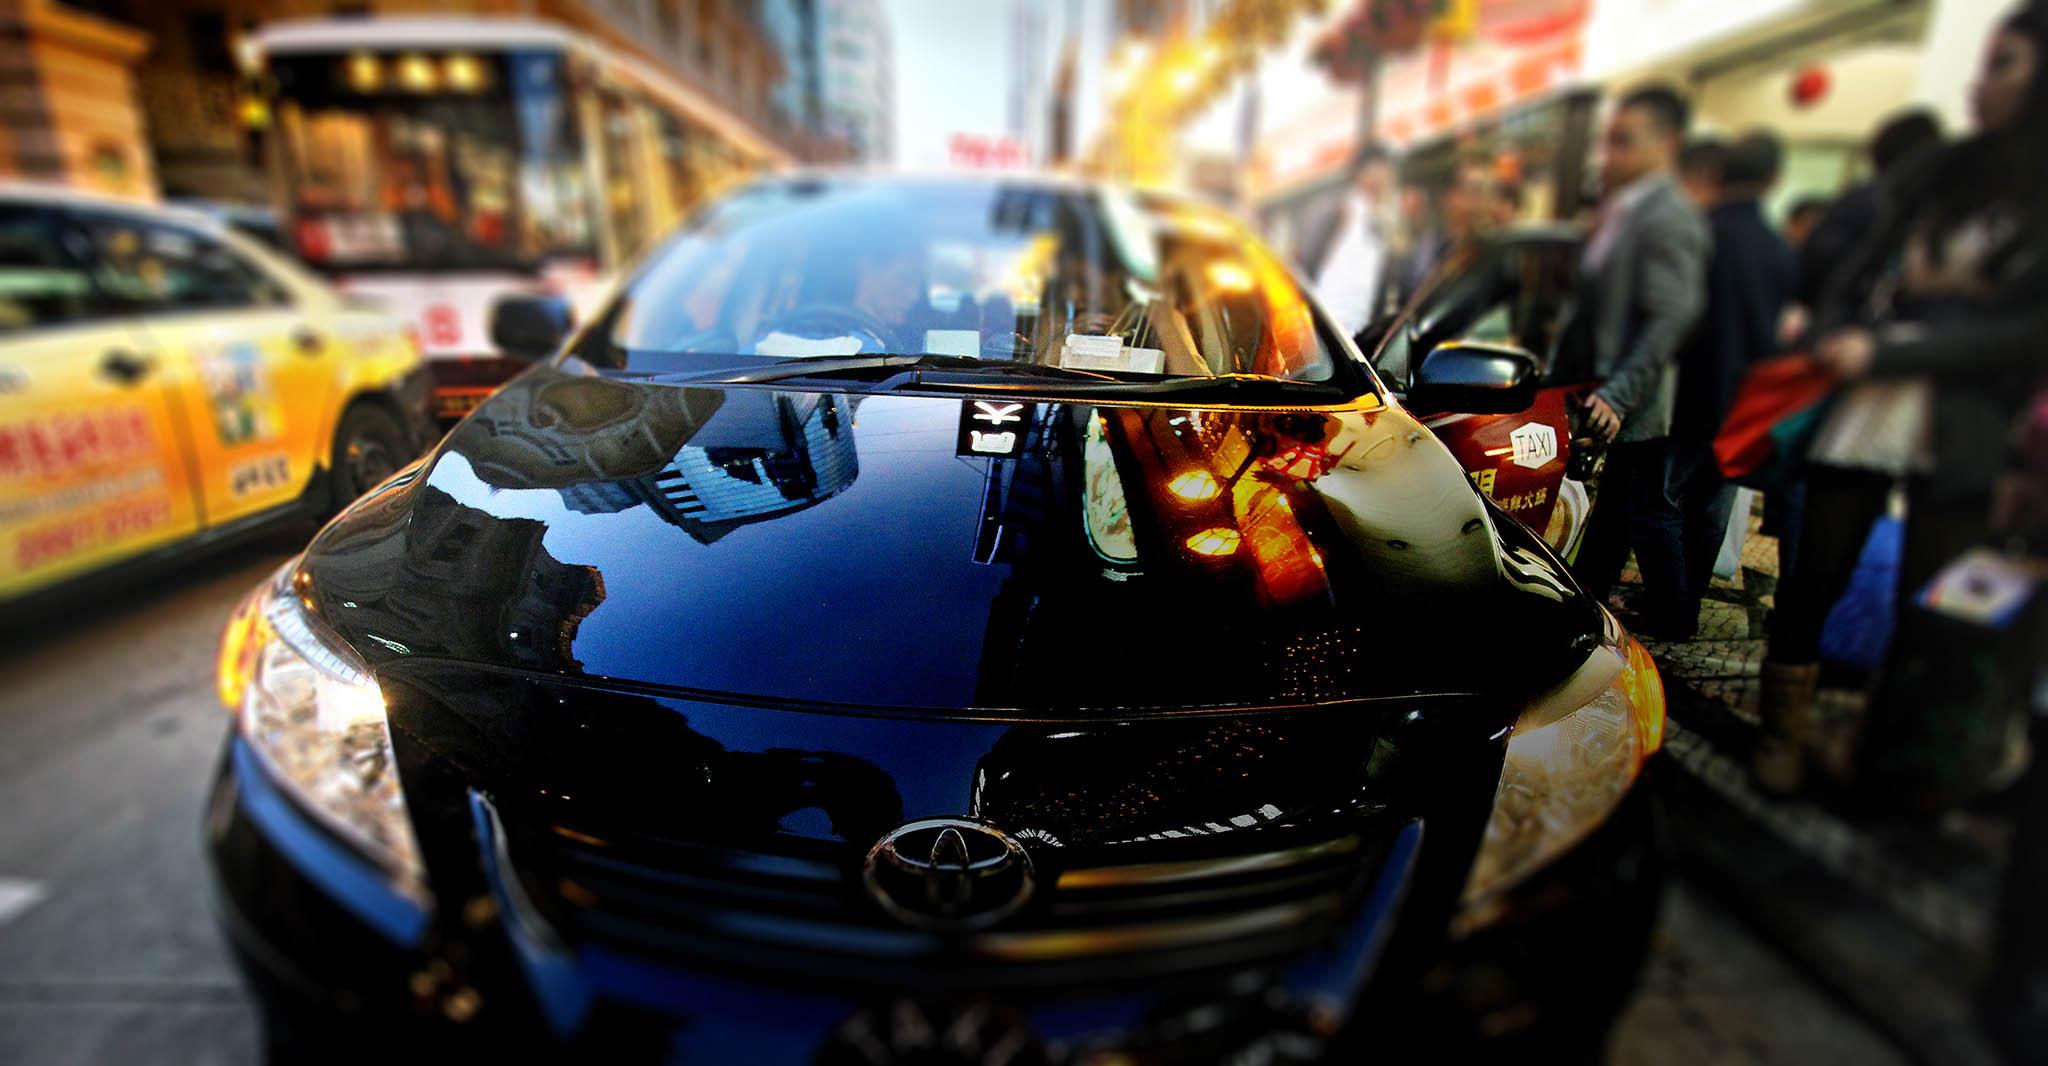 Táxis | Discussão sobre preço cobrado gerou discussão e agressão junto ao casino L'Arc